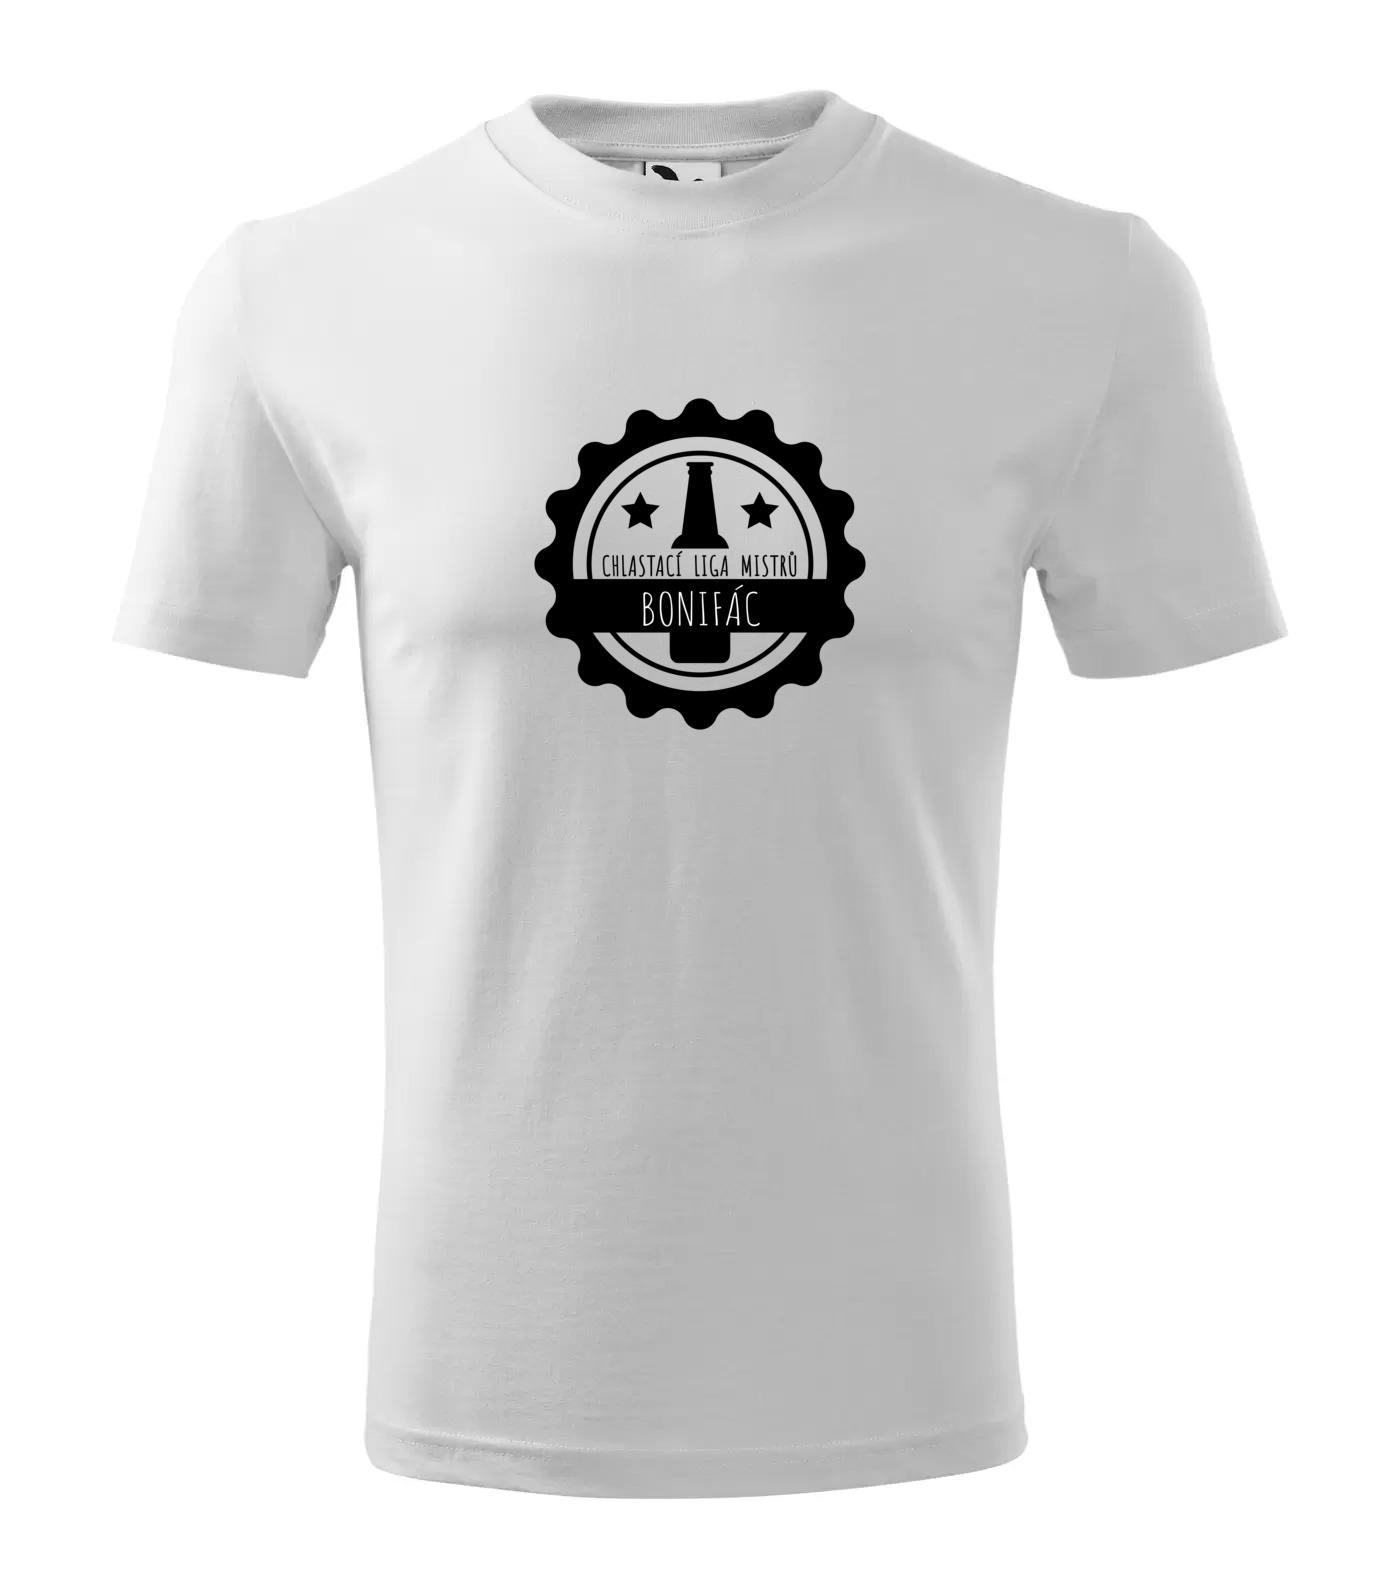 Tričko Chlastací liga mužů Bonifác